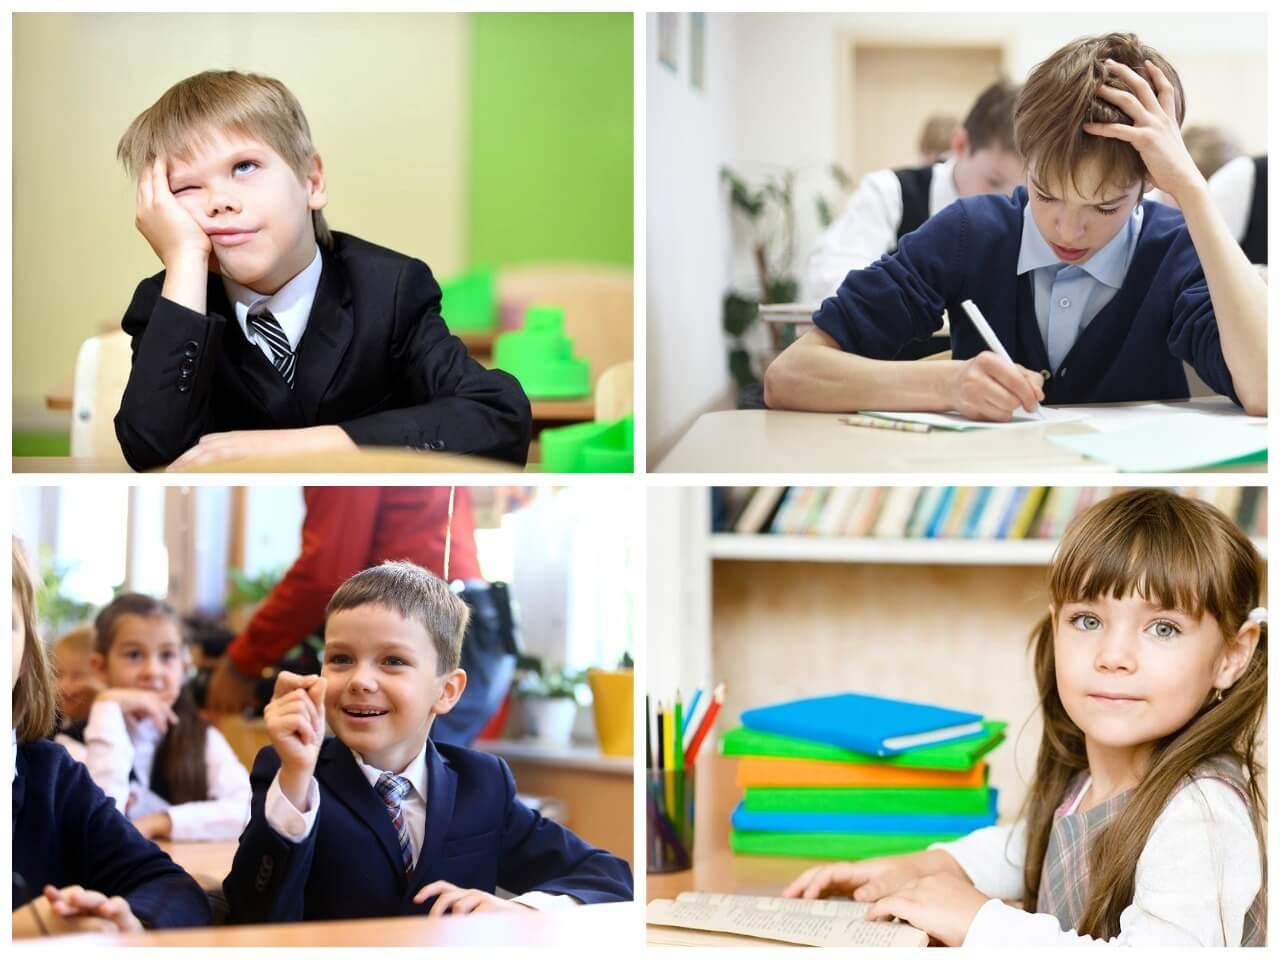 На фото изображены школьники.